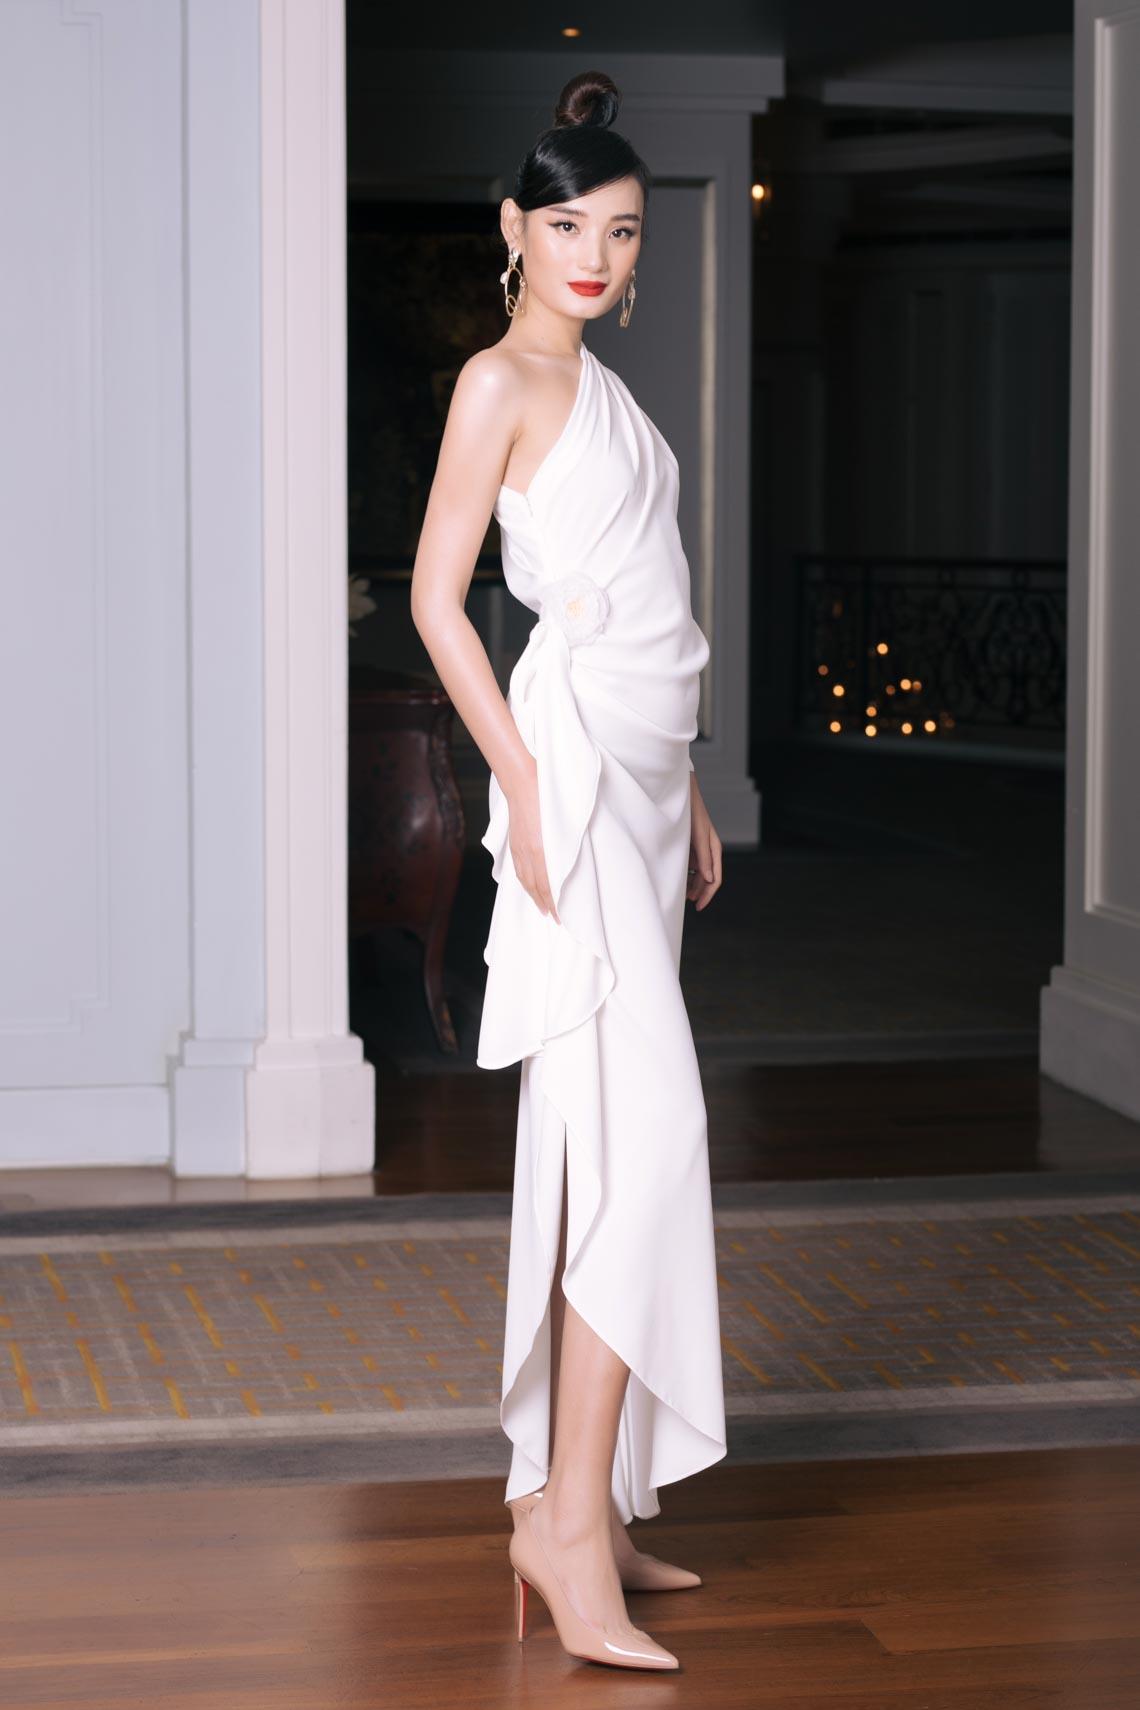 Dàn mỹ nhân diện trang phục trắng tinh khôi của NTK Đỗ Mạnh Cường - 10